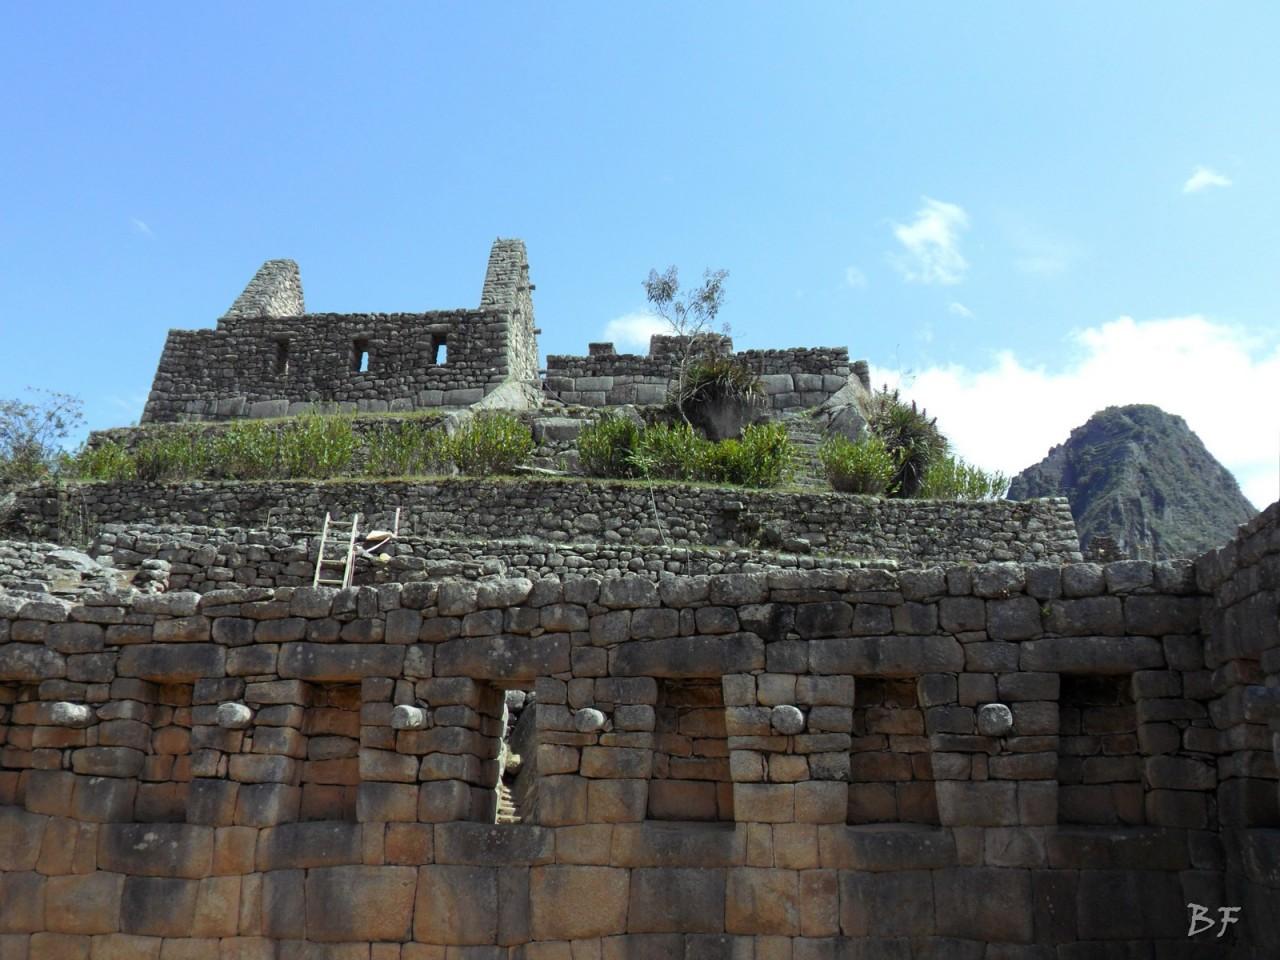 Mura-Poligonali-Incisioni-Altari-Edifici-Rupestri-Megaliti-Machu-Picchu-Aguas-Calientes-Urubamba-Cusco-Perù-44